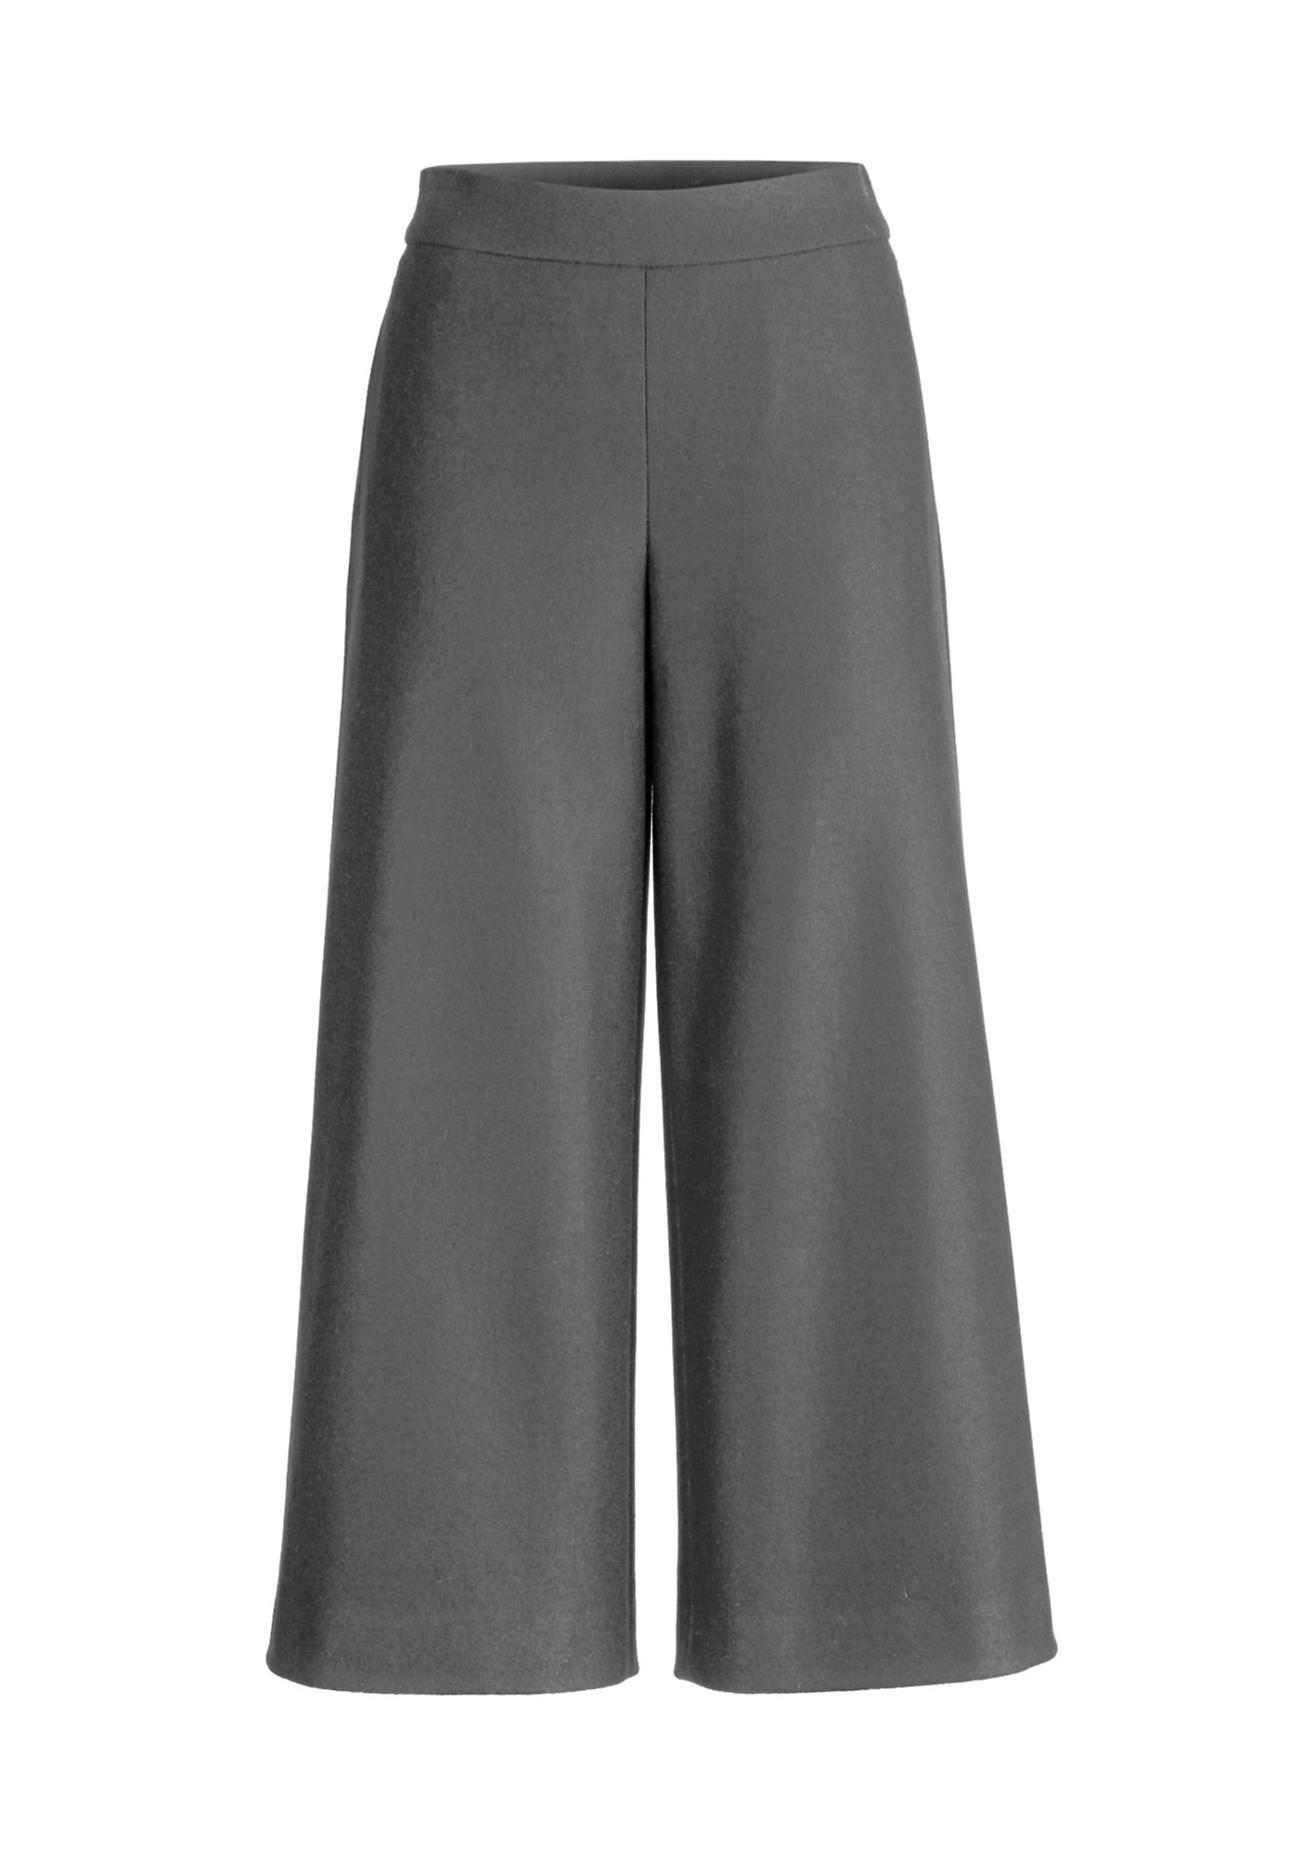 Hosen für Frauen - hessnatur Damen Culotte aus Schurwolle – grau –  - Onlineshop Hessnatur